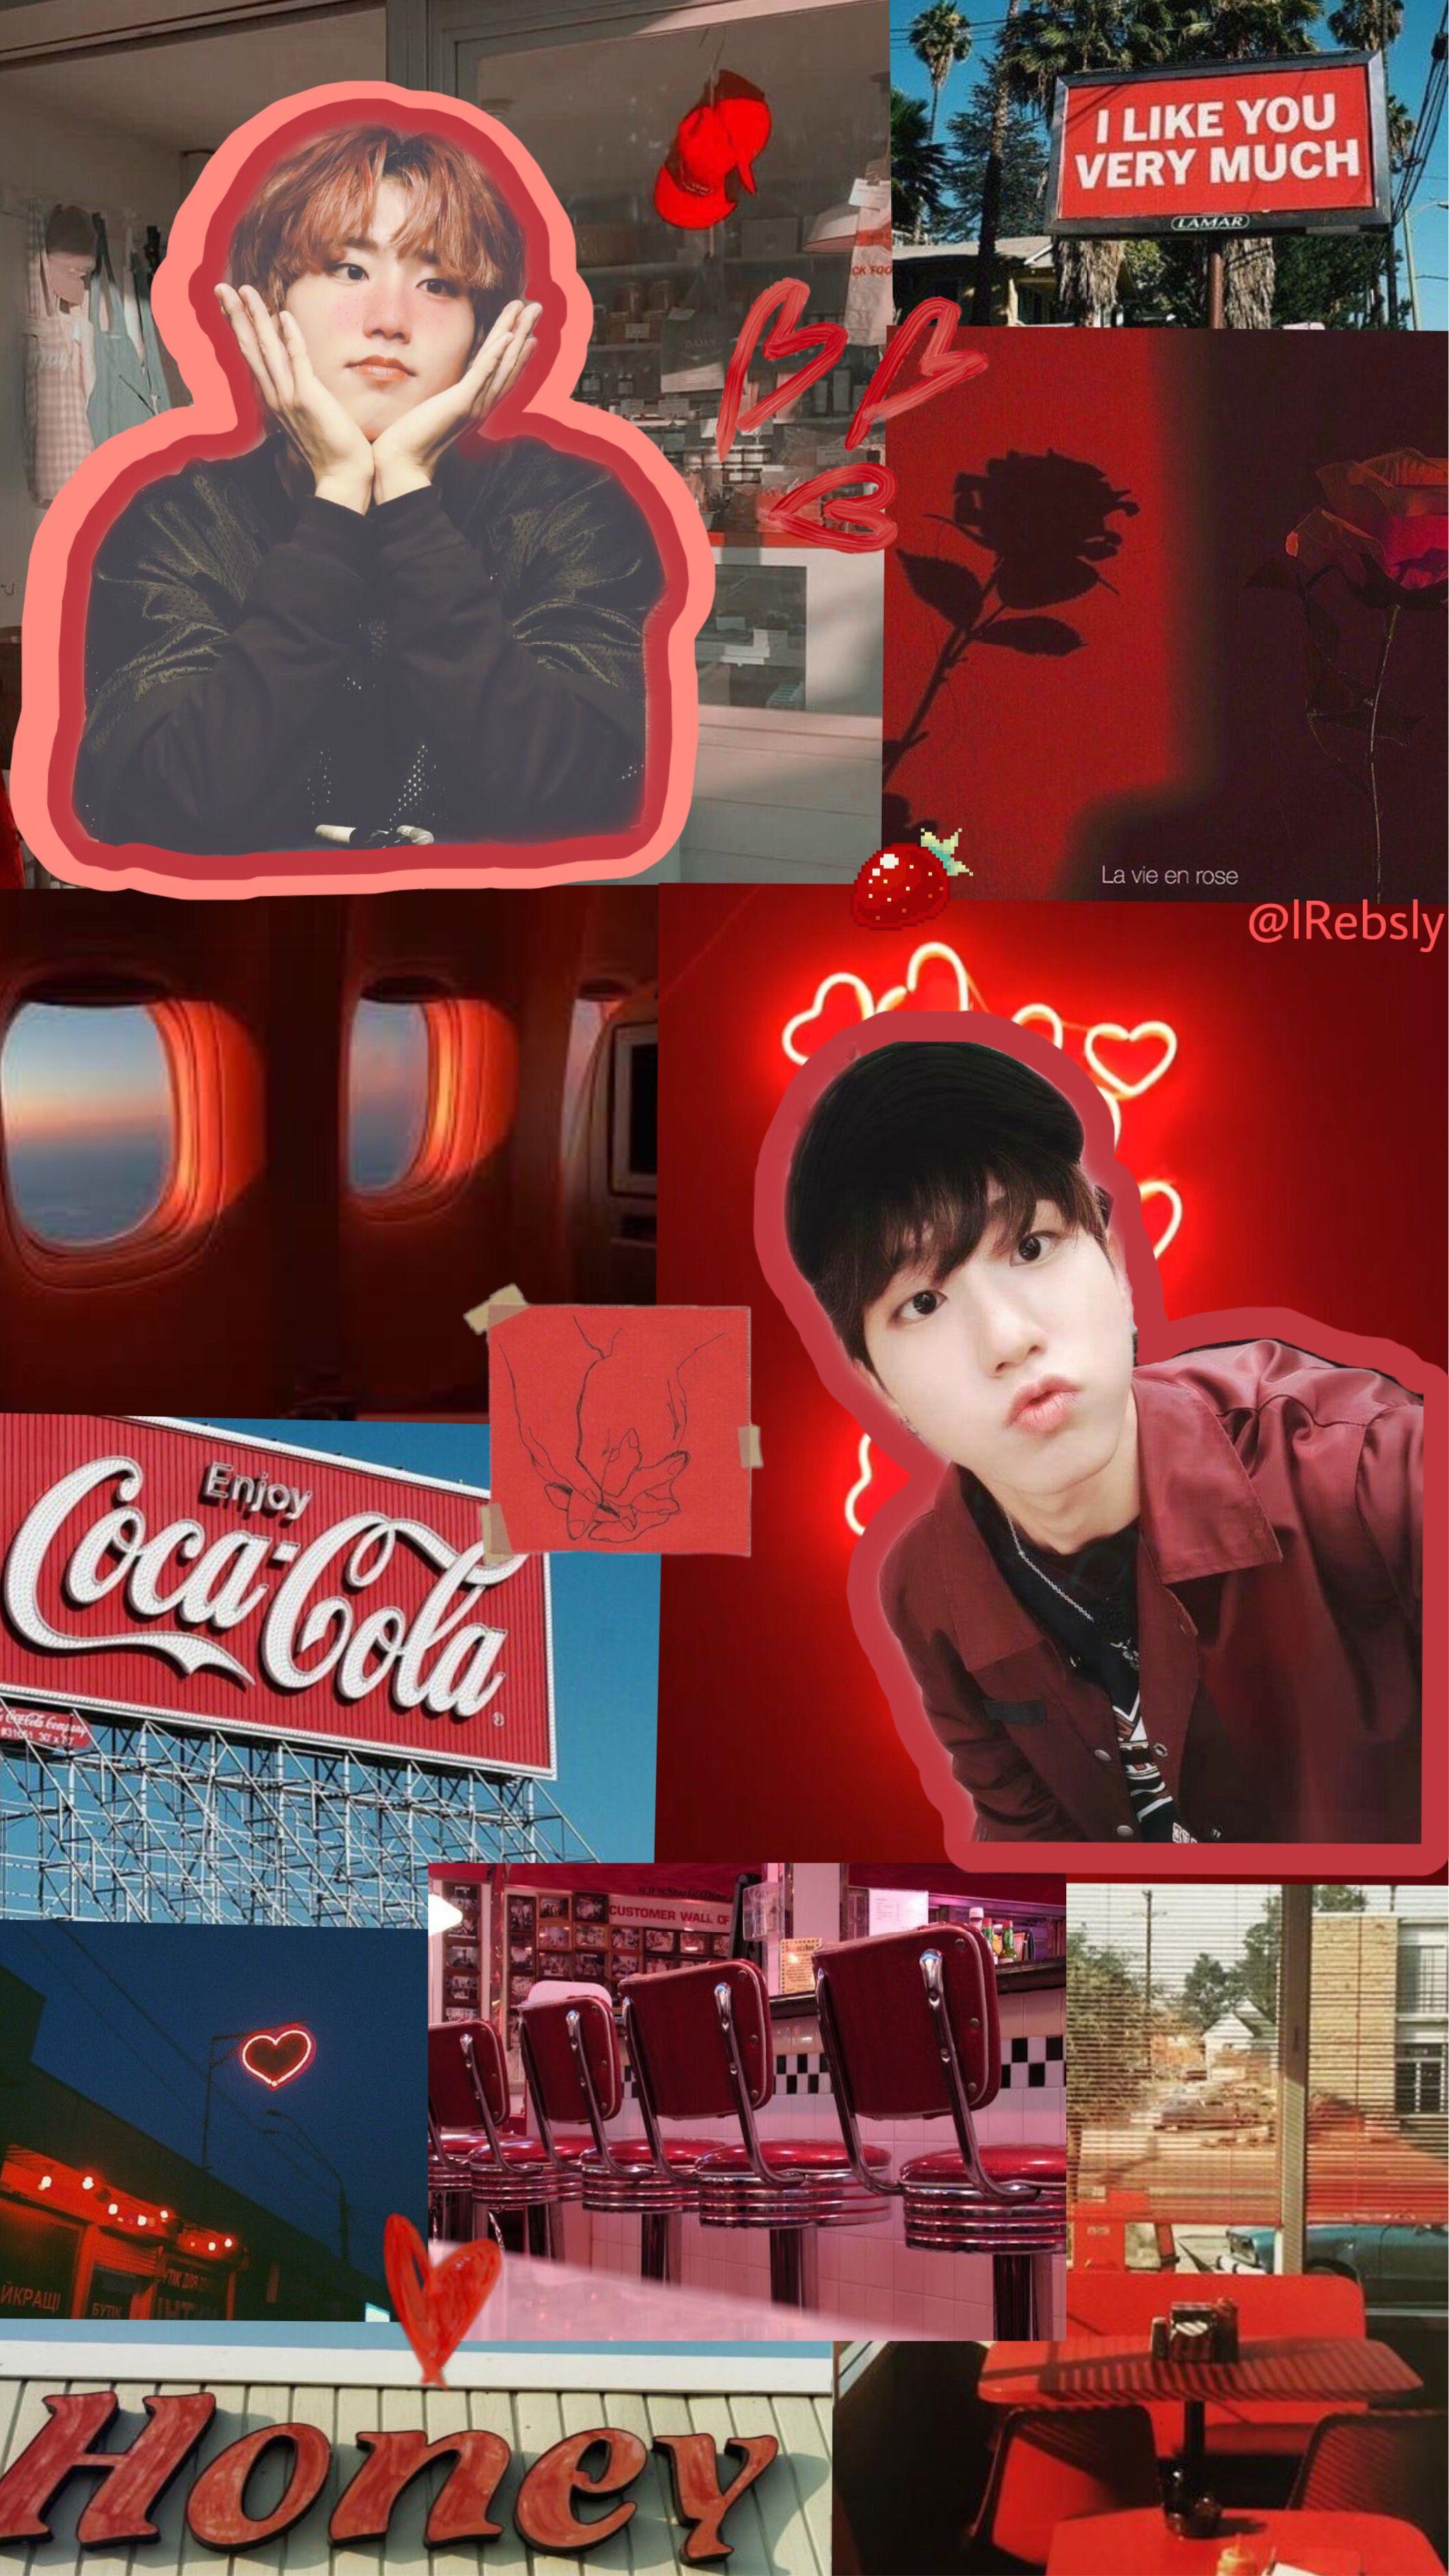 jisung wallpaper kpop kpop guys wallpaper